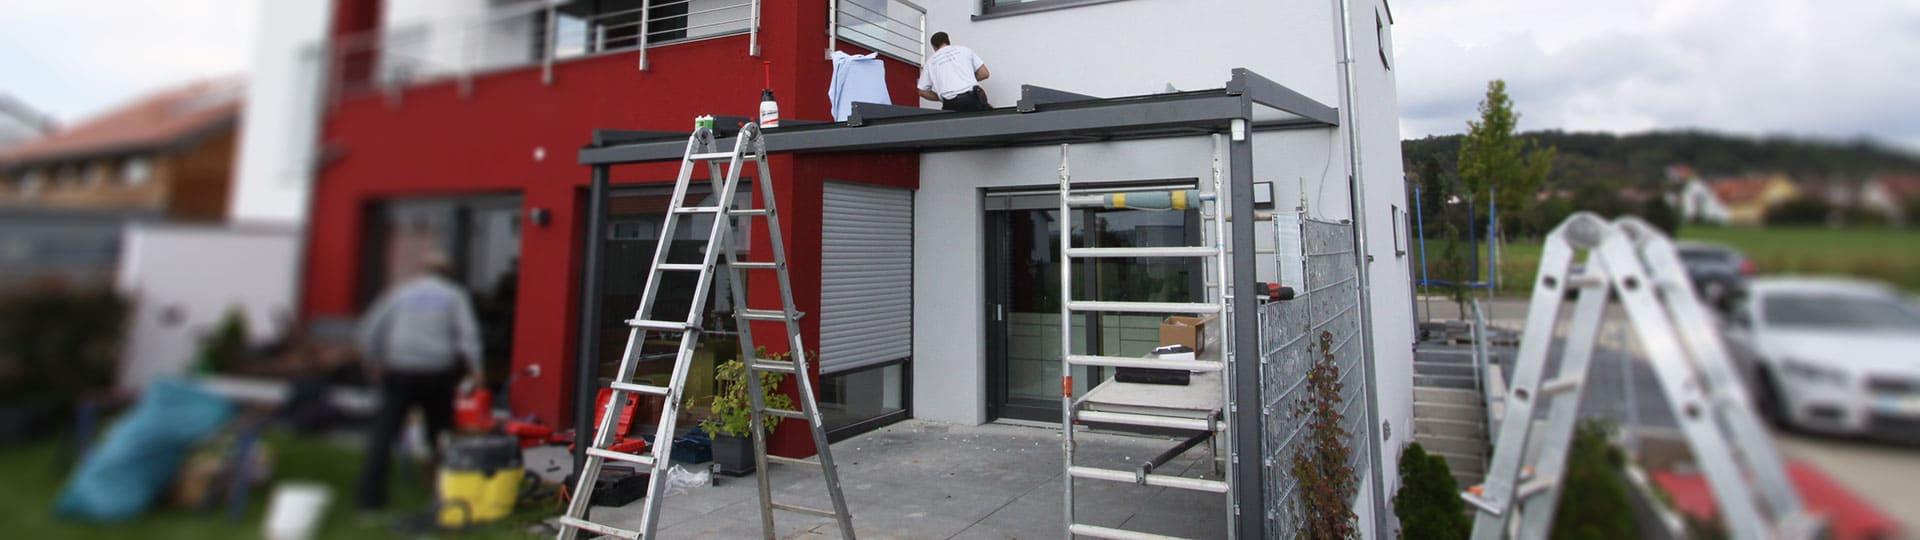 Einblicke in die Montage einer Terrassenüberdachung Headerbild